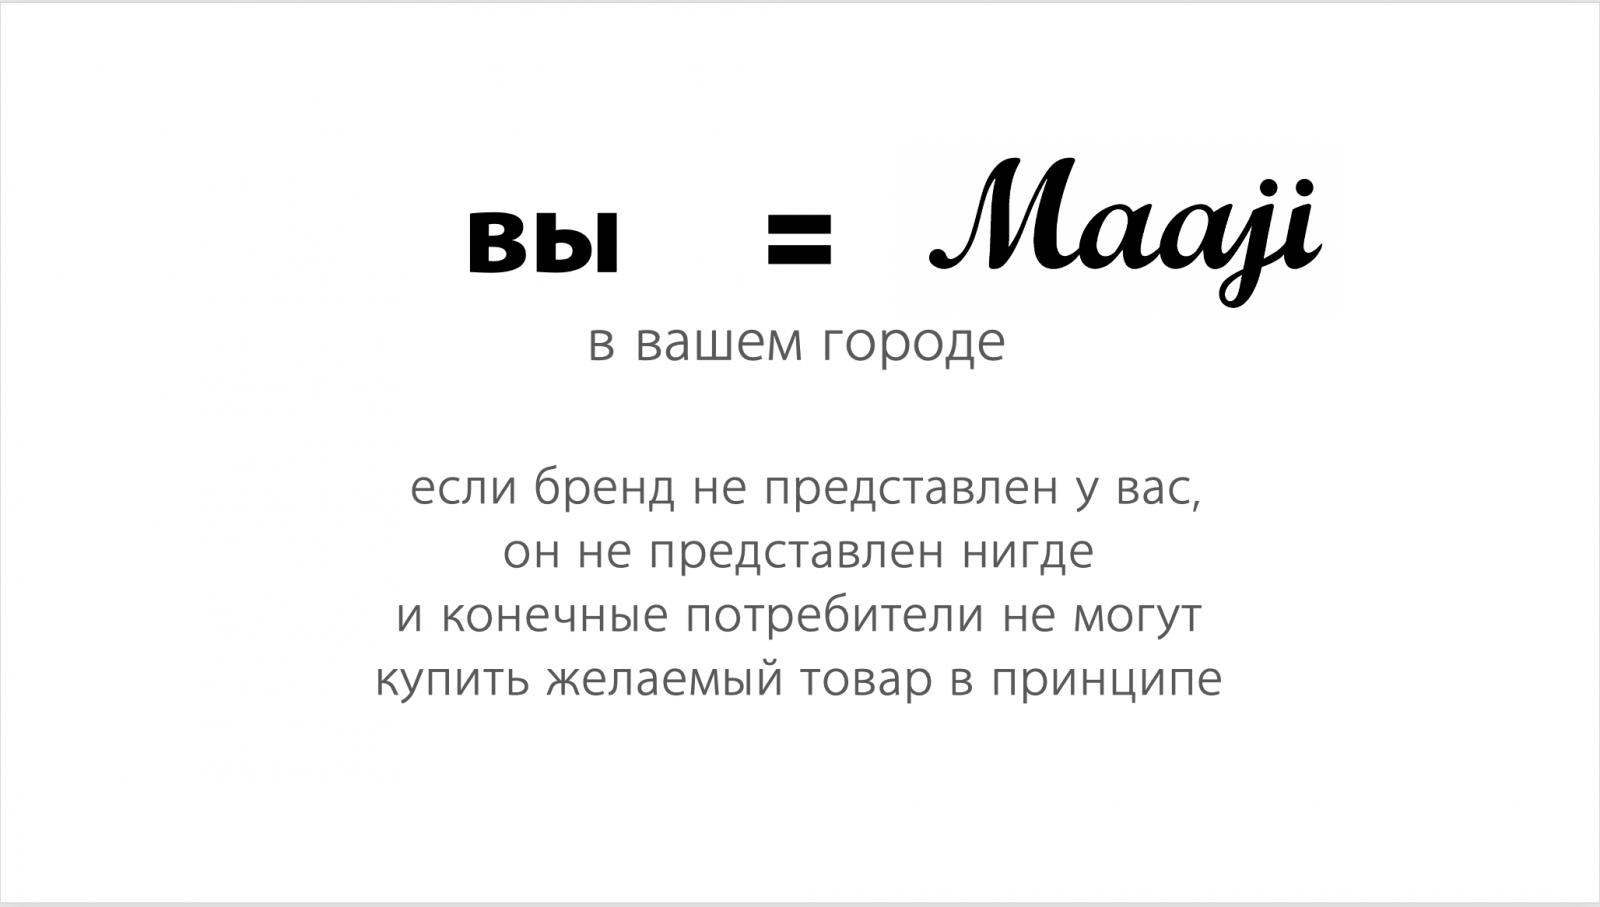 MJ42 MAAJI